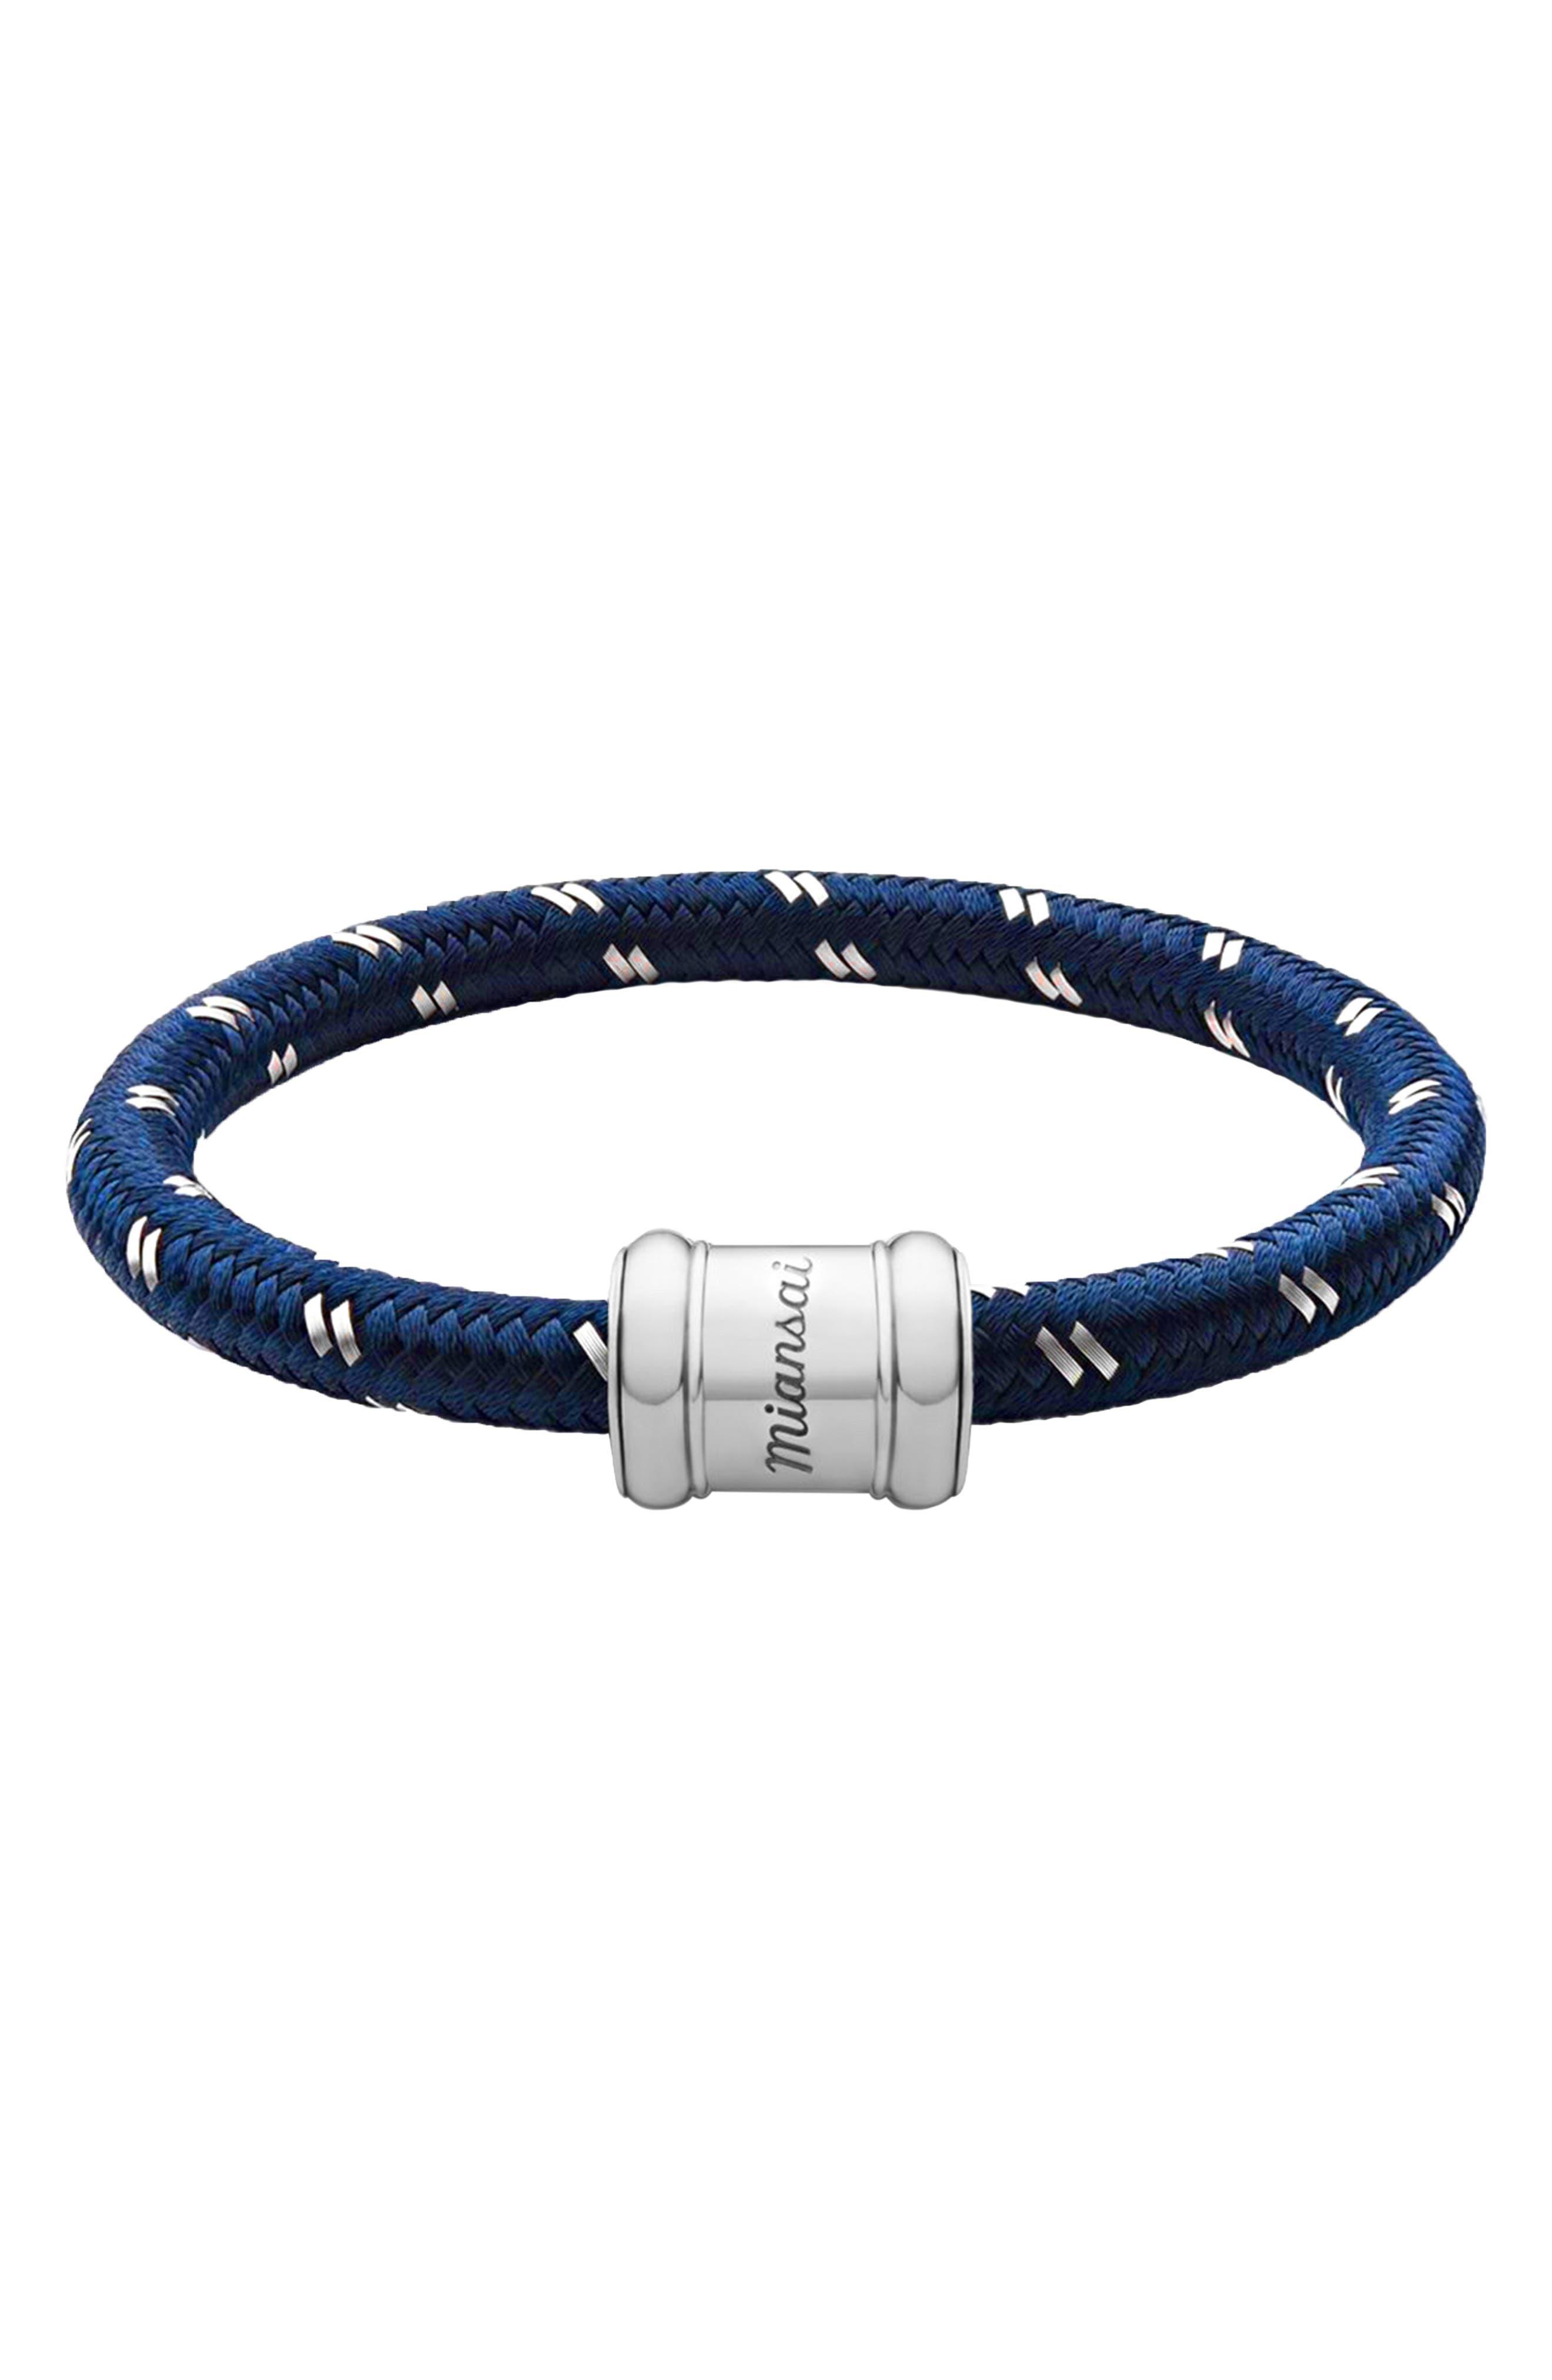 Barrel Casing Nylon Woven Bracelet,                             Main thumbnail 1, color,                             SENECA